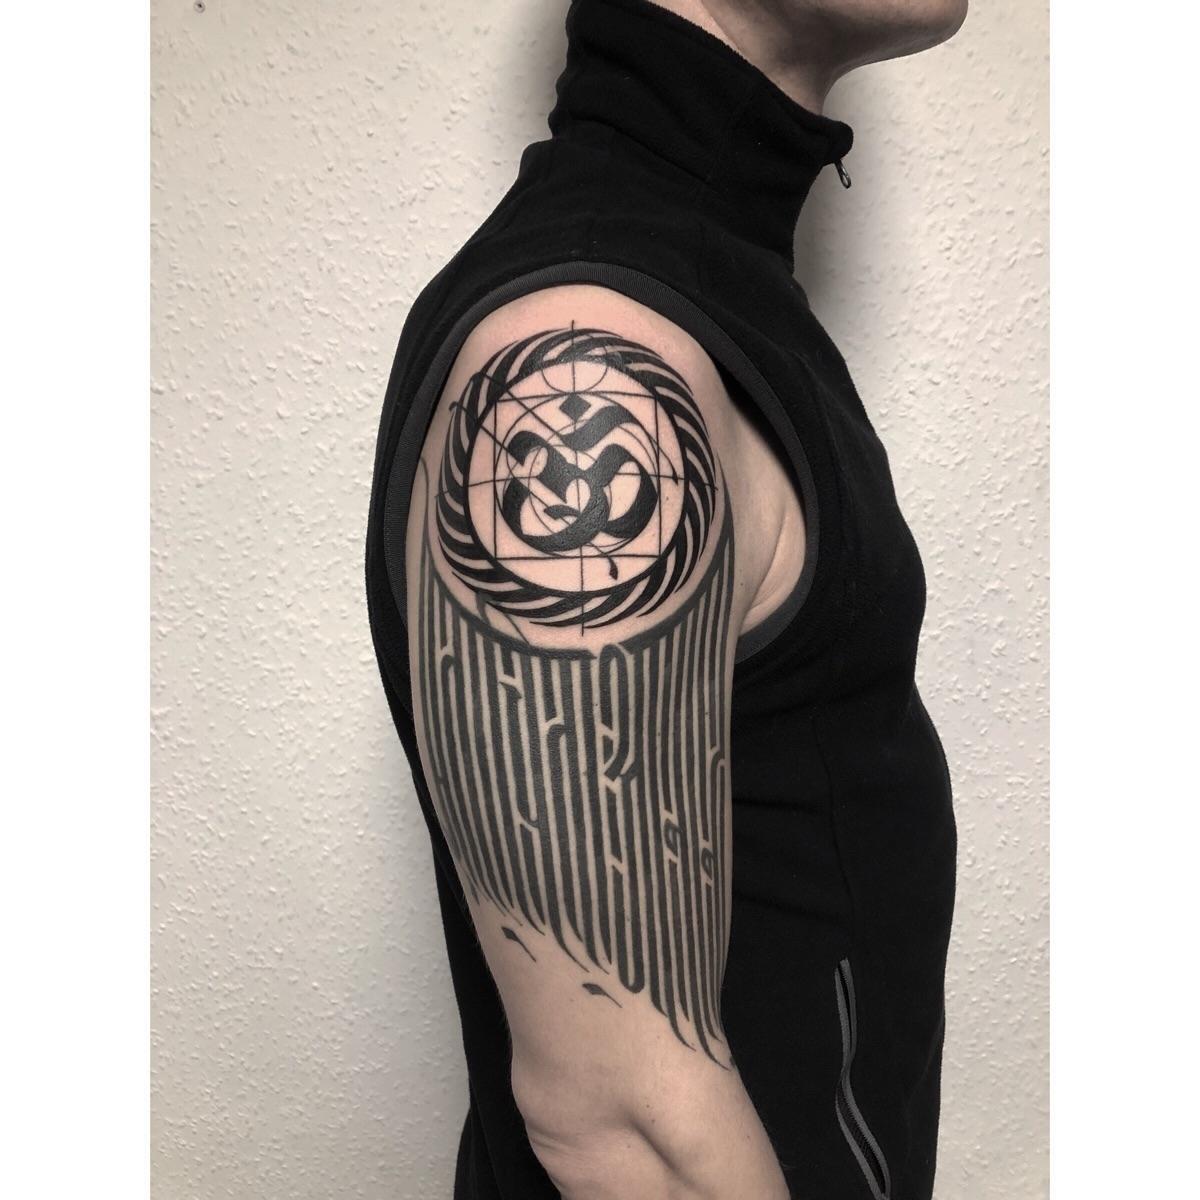 Mishka Tattoo  (@mishkatattoo) Cover Image